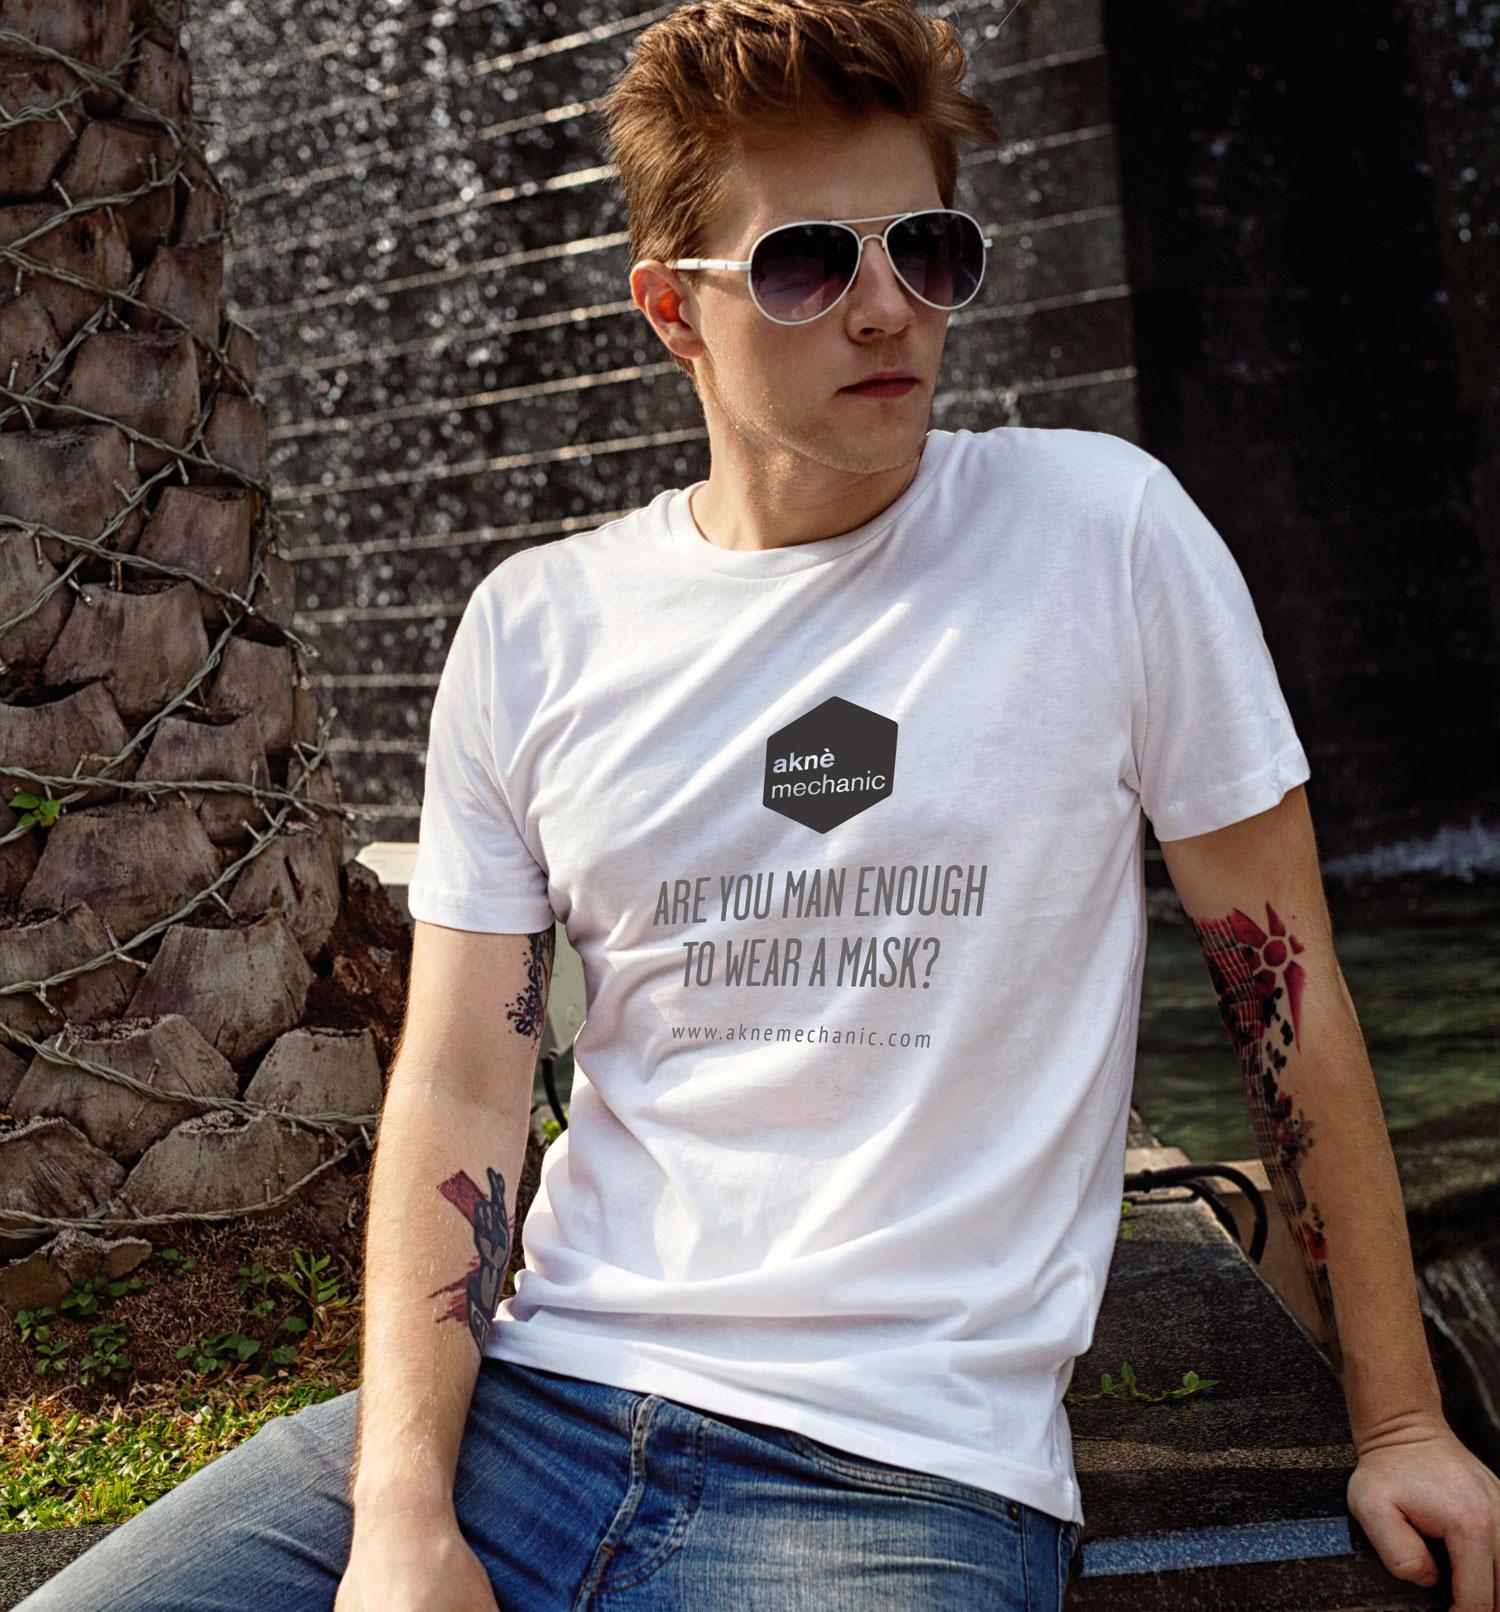 aknè mechanic t shirt design